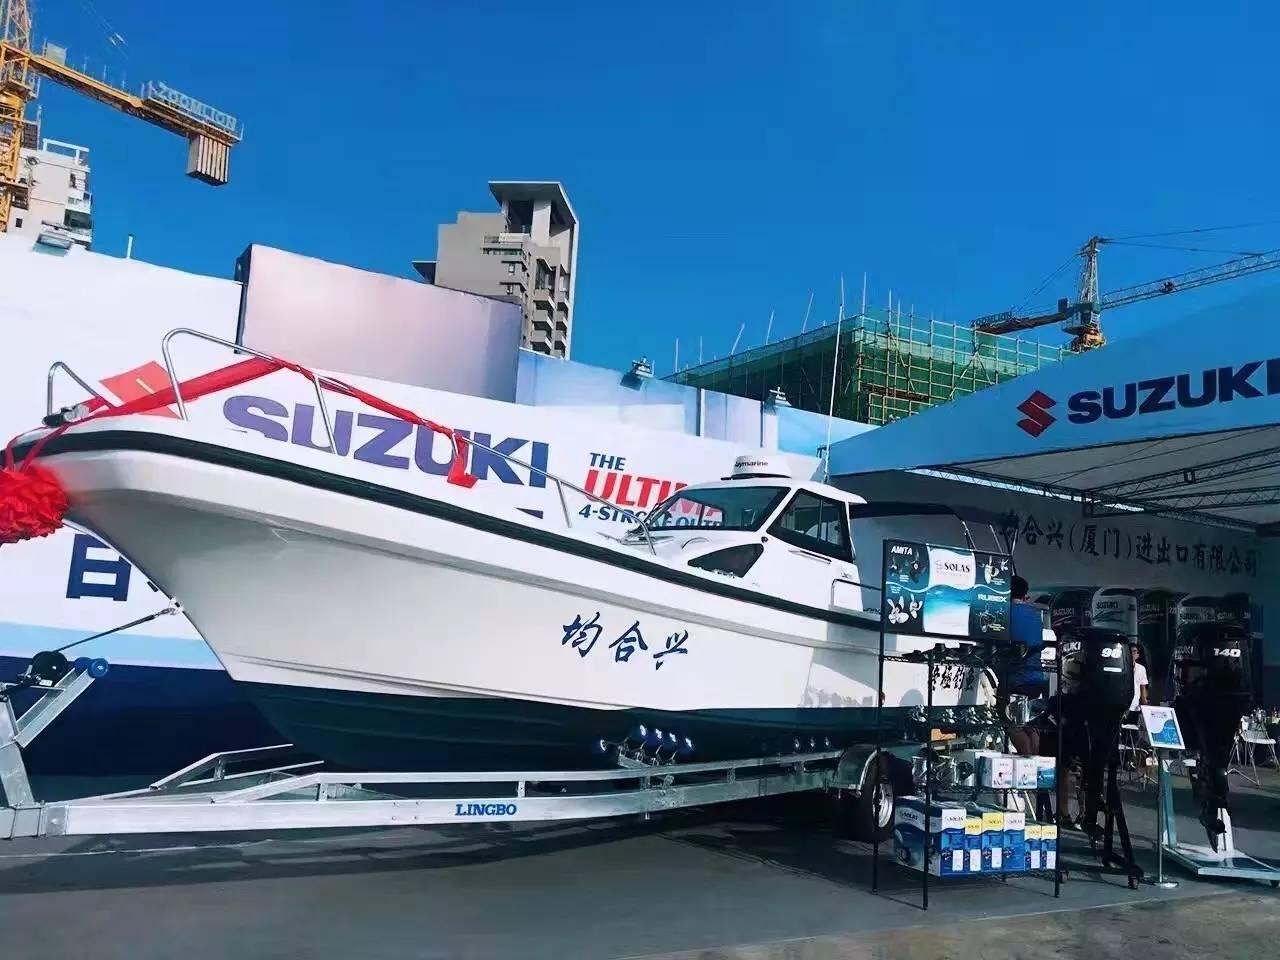 知名品牌,休闲旅游,福建省,生活方式,展览会 第九届厦门国际游艇展,激情起航! 7c6726a294c43c5f1b189cc10468917d.jpg